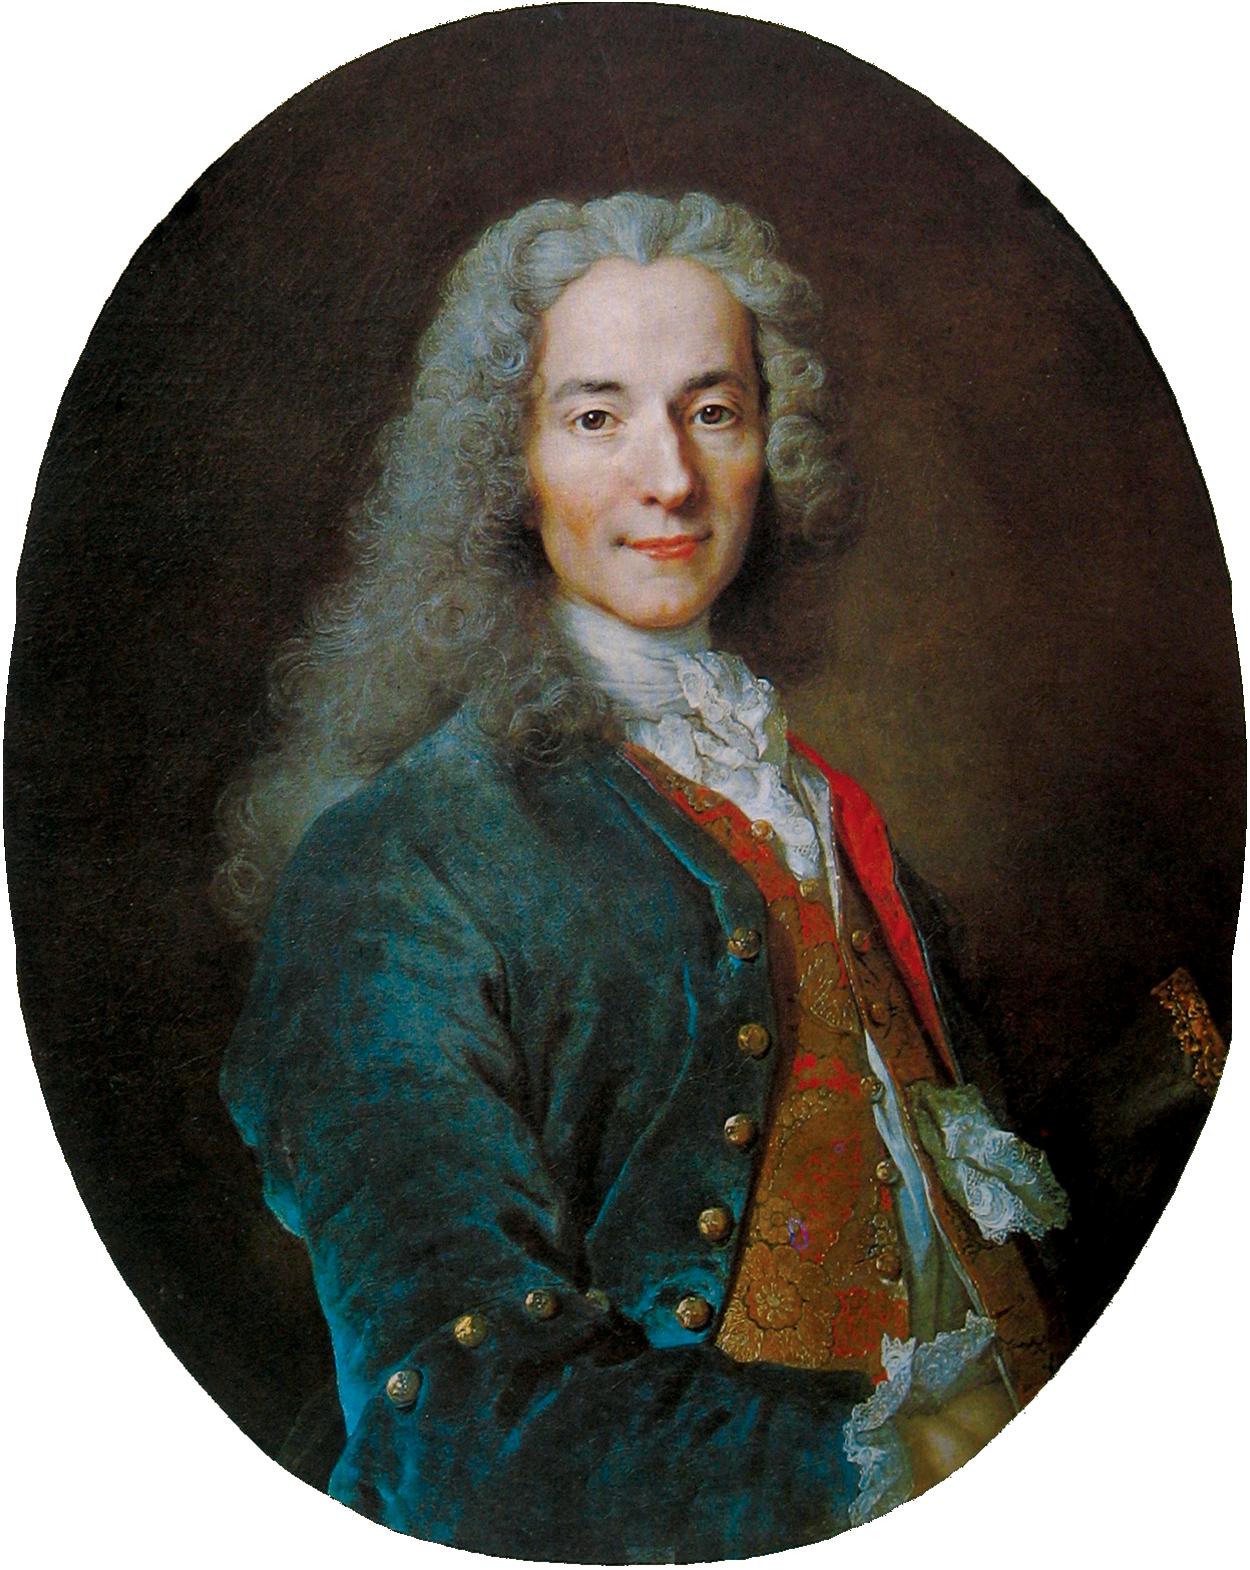 Portrait by [[Nicolas de Largillière]], c. 1724